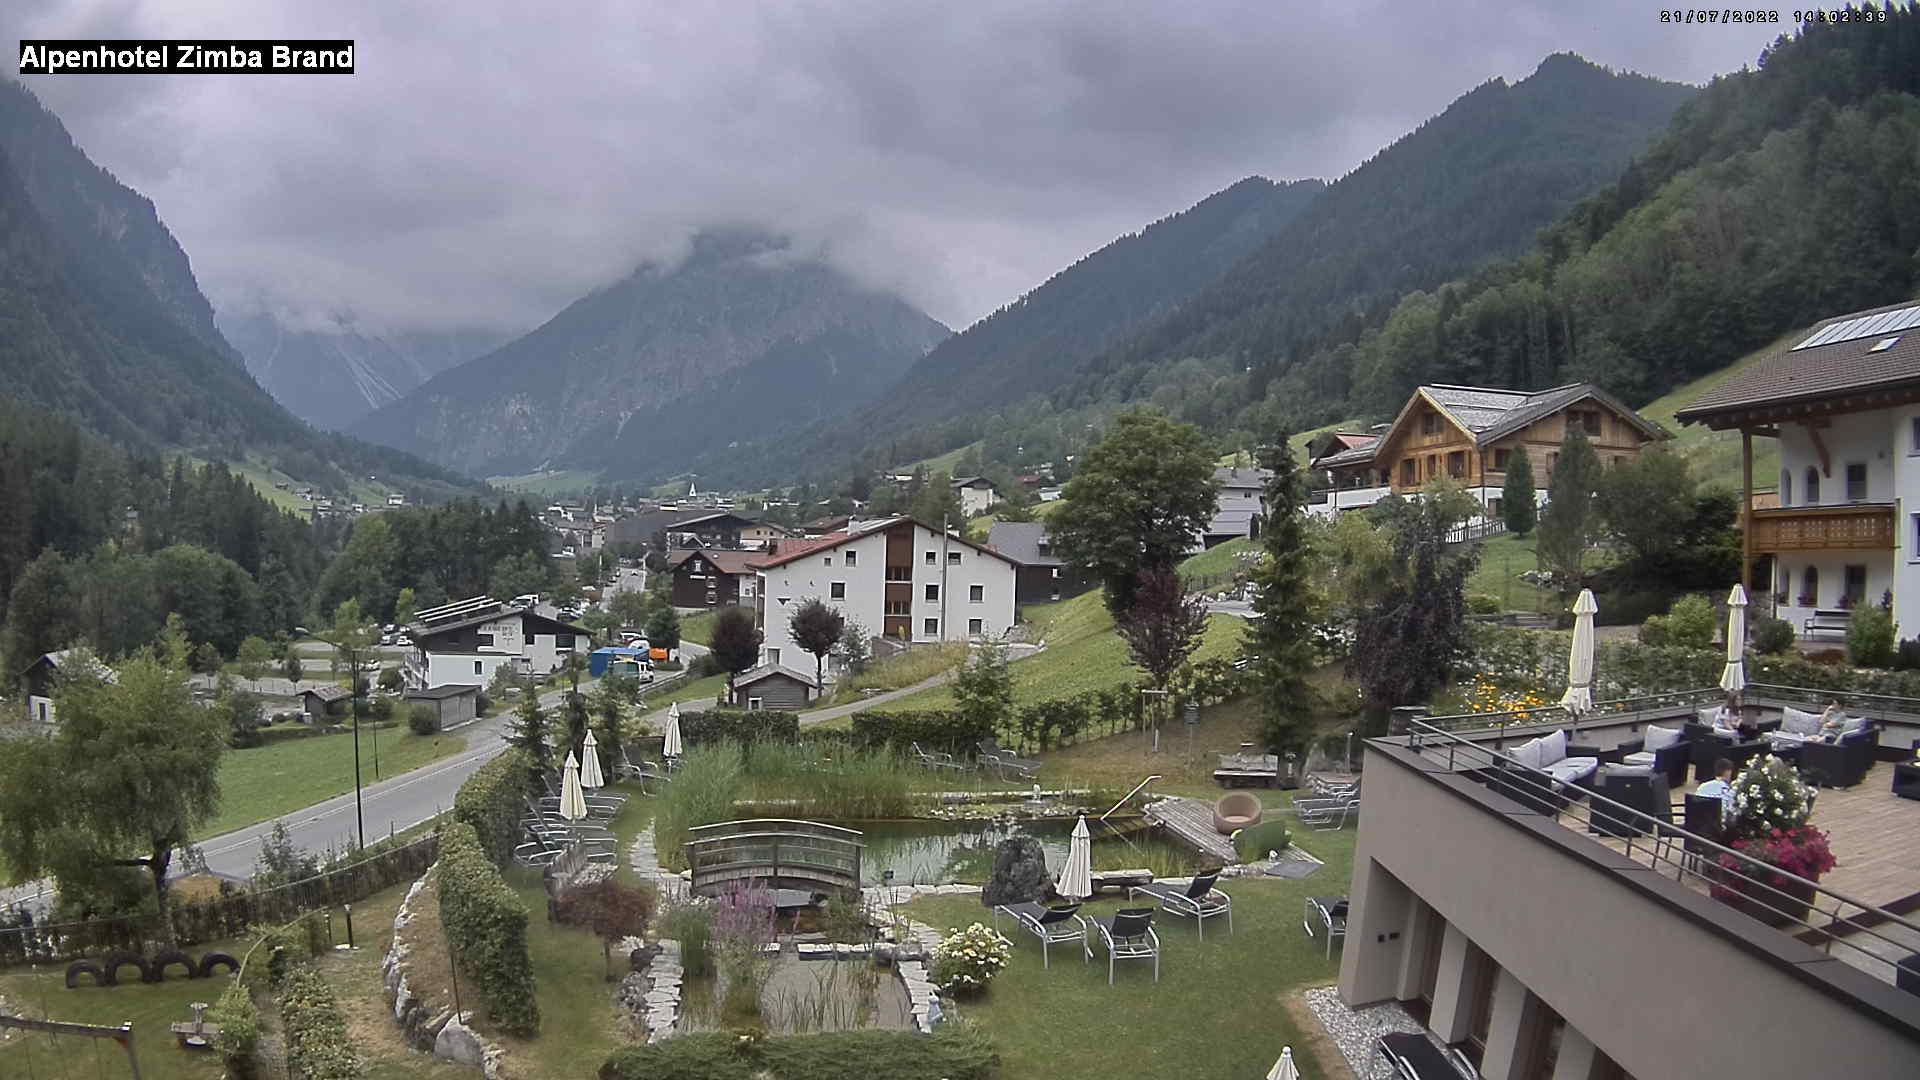 Alpenhotel Zimba Brand